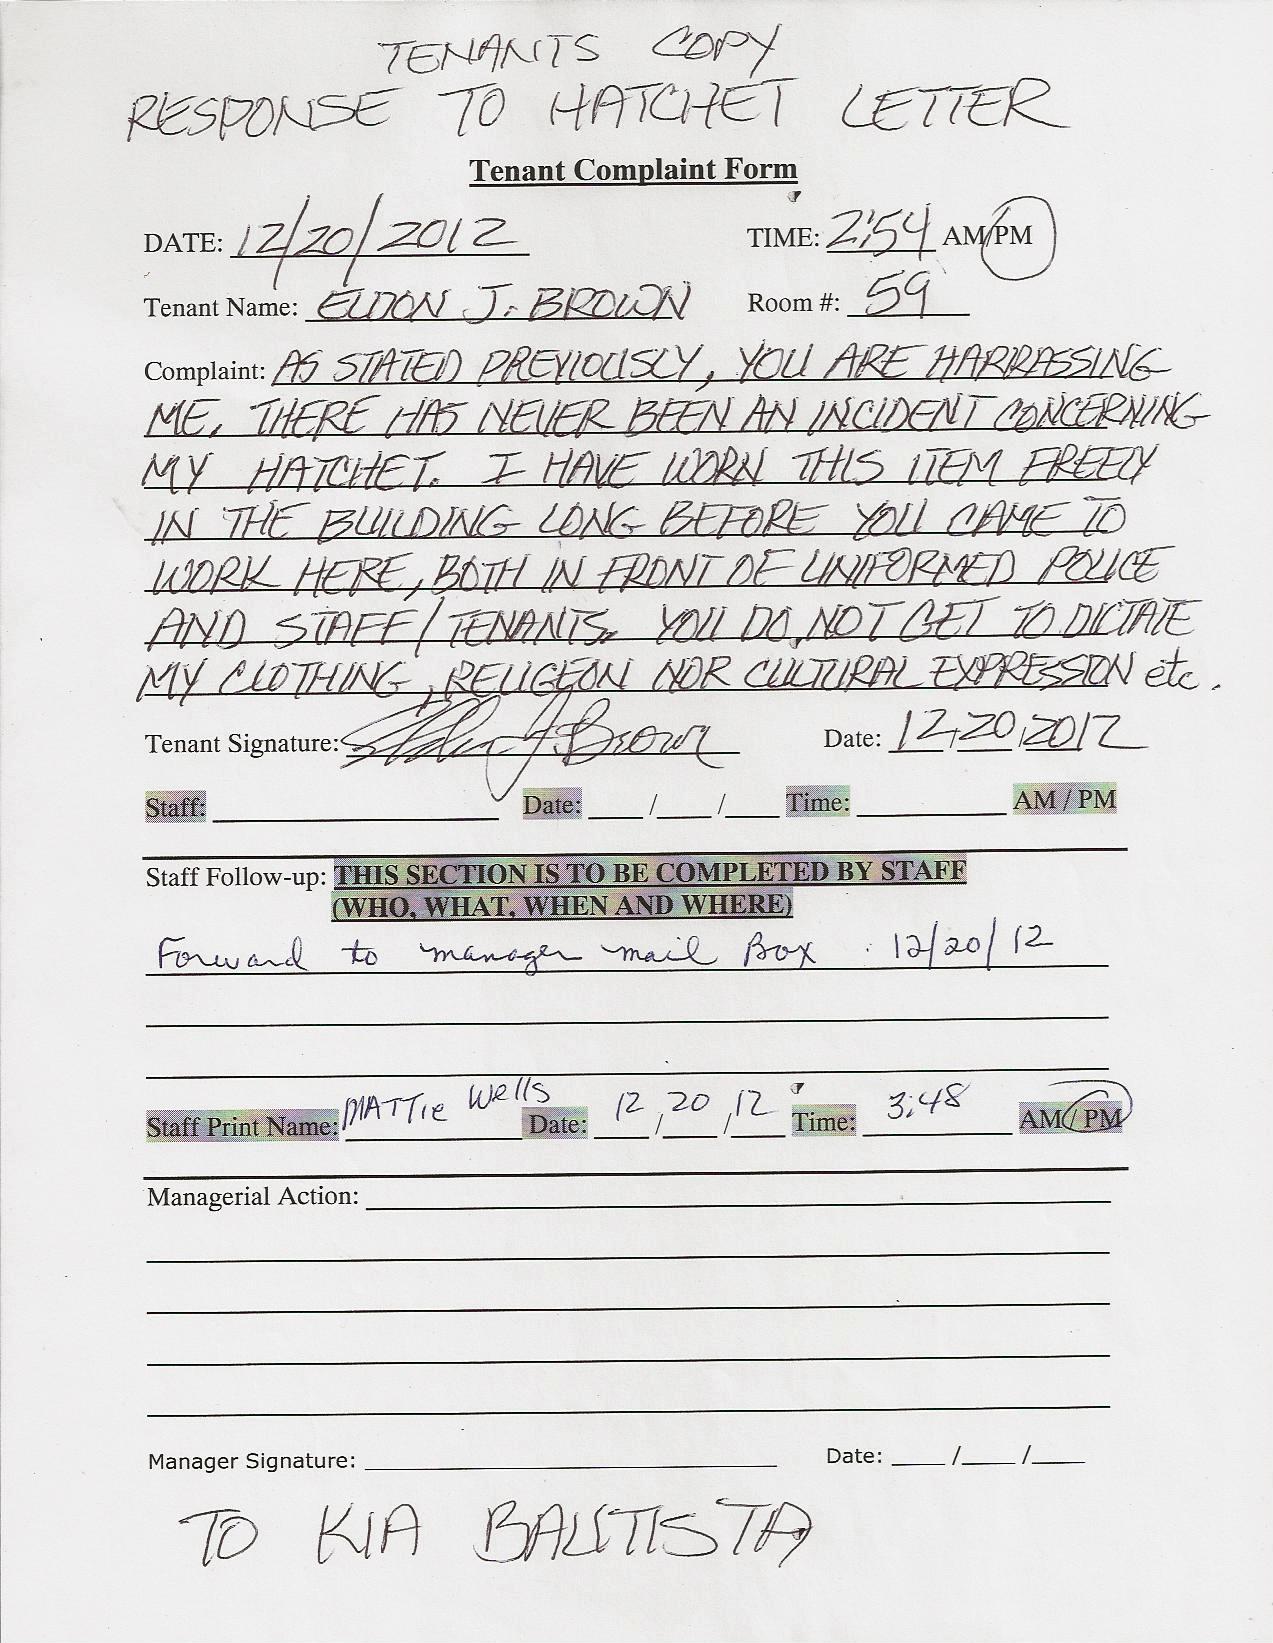 Eldons Response To Kia Letter